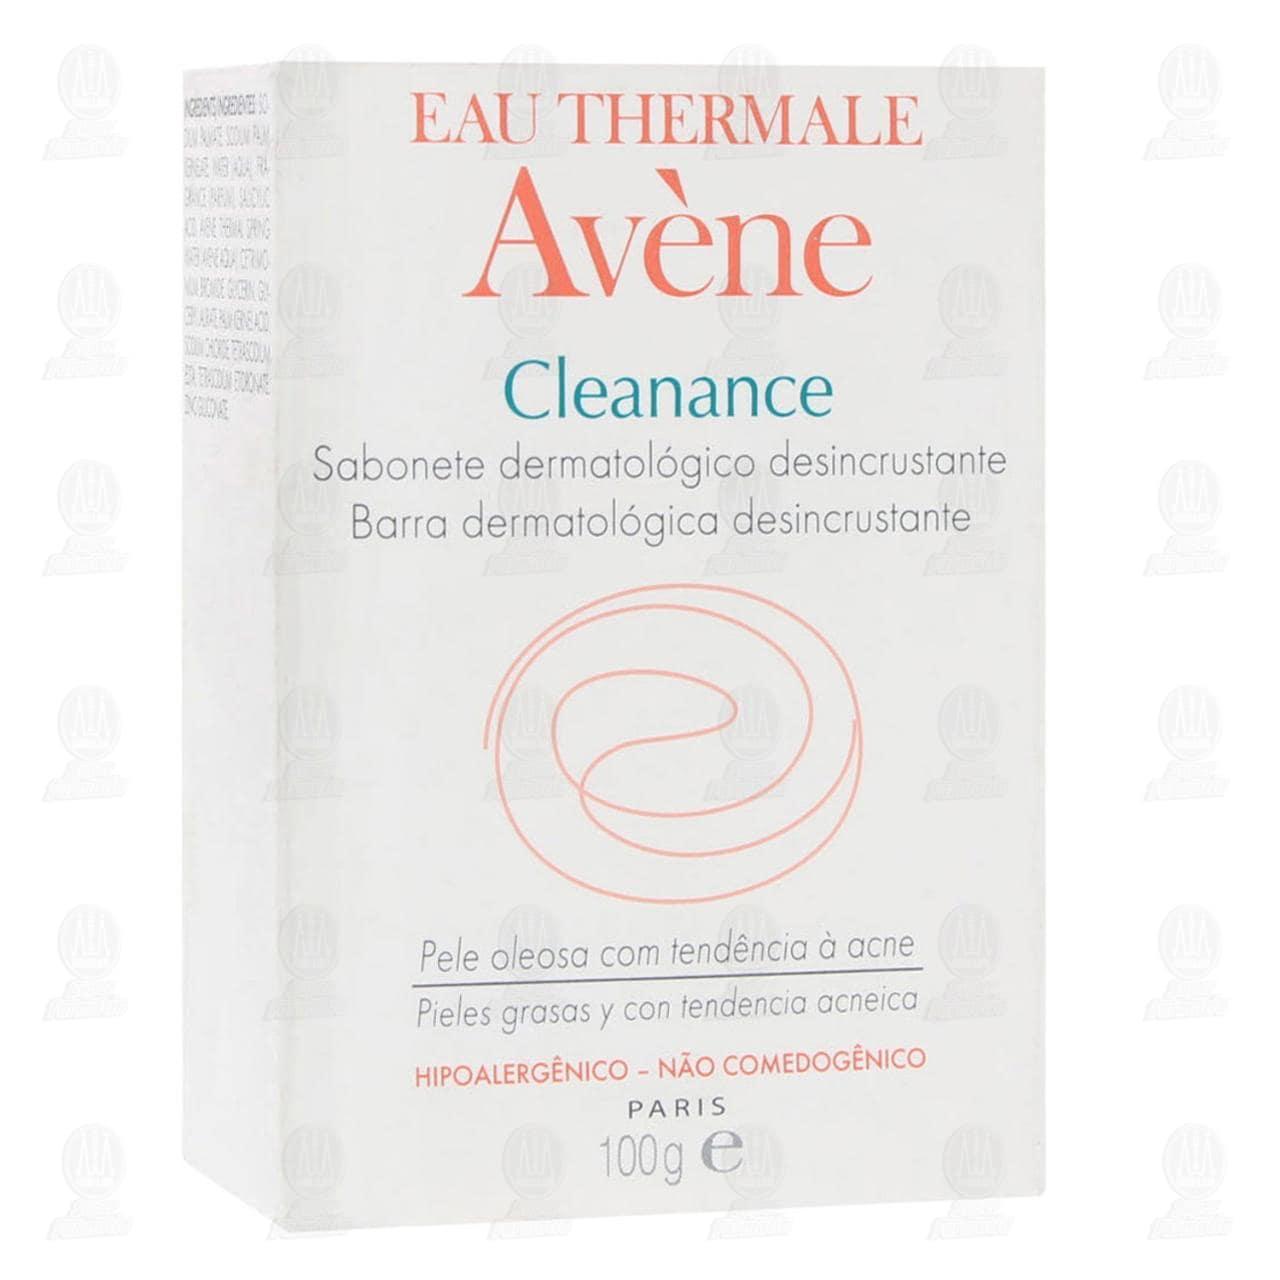 Comprar Avène Cleanance Barra Dermatológica Desincrustante, 100 gr. en Farmacias Guadalajara